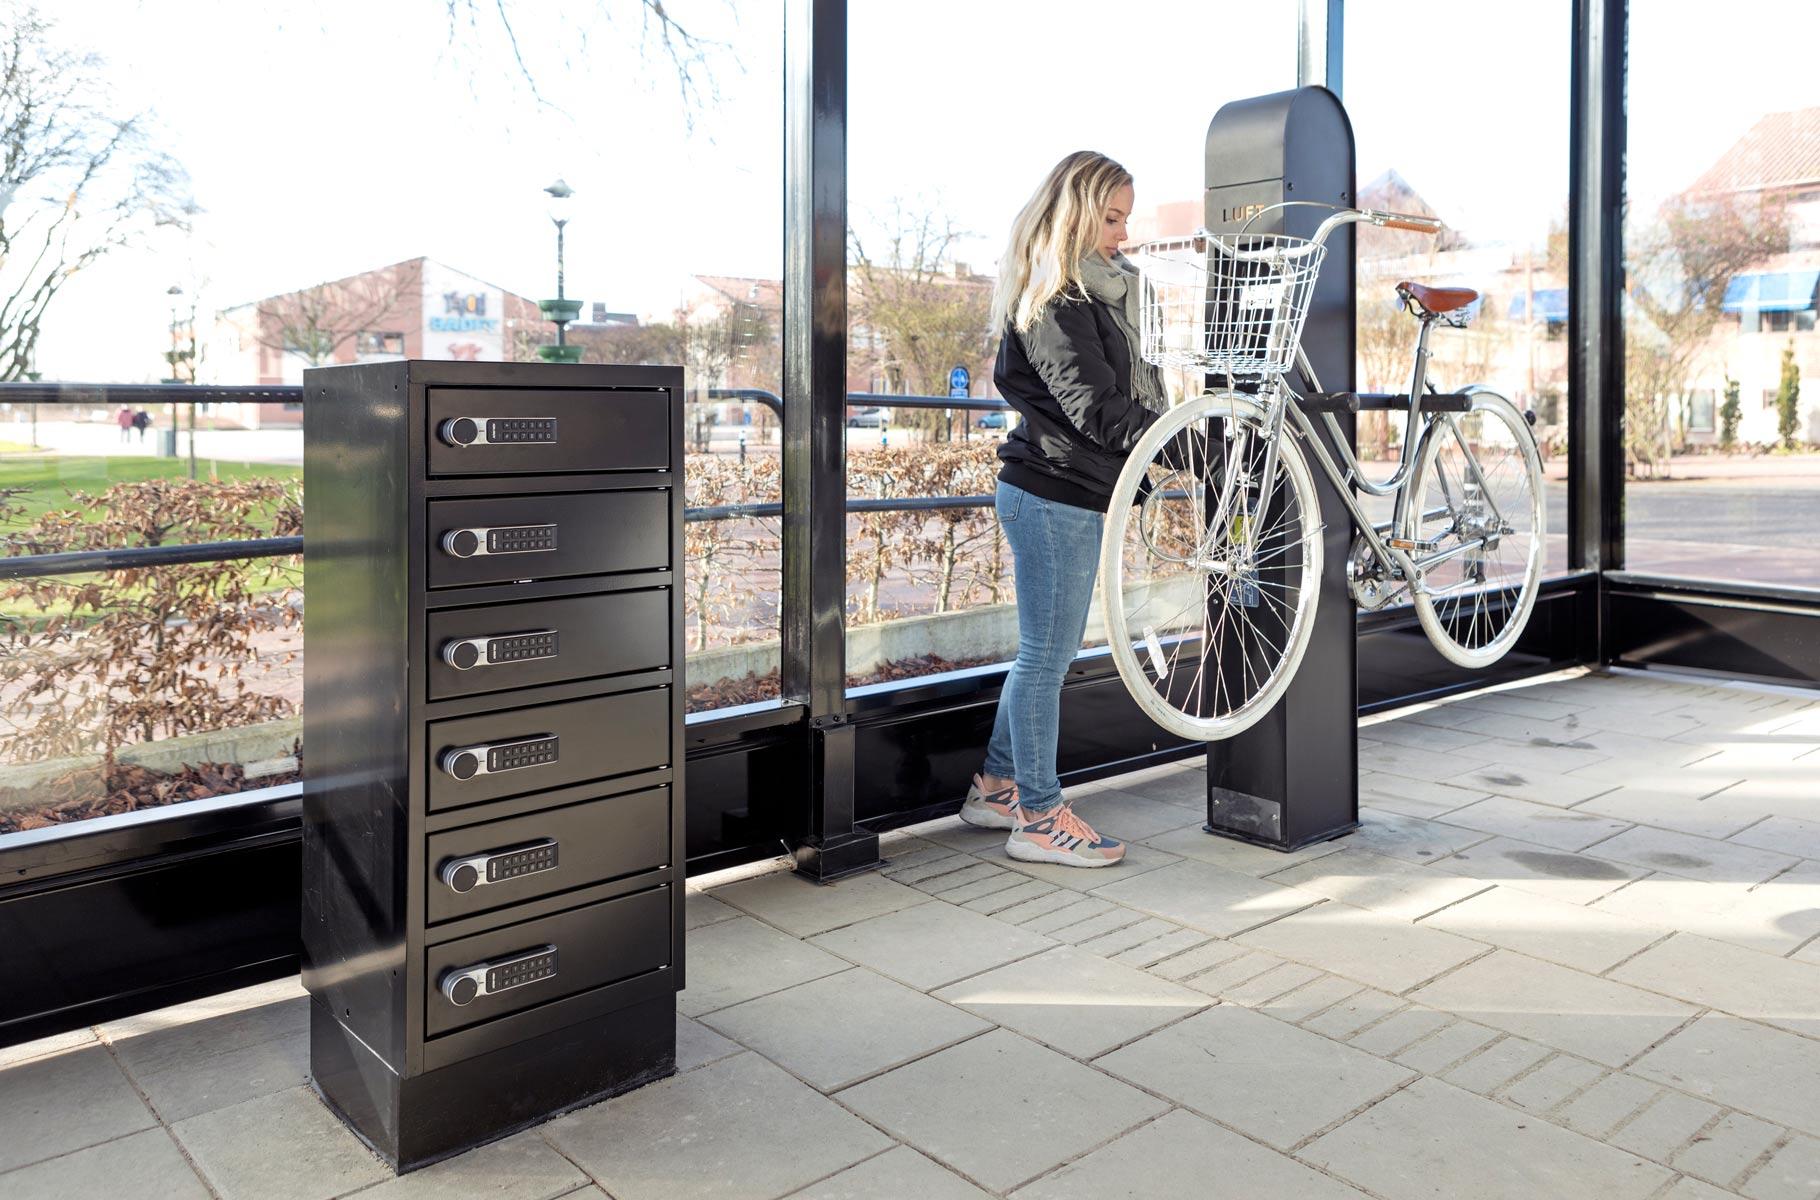 sähköpyörien latatauspiste ja pyöränhuoltopiste pyörähallissa